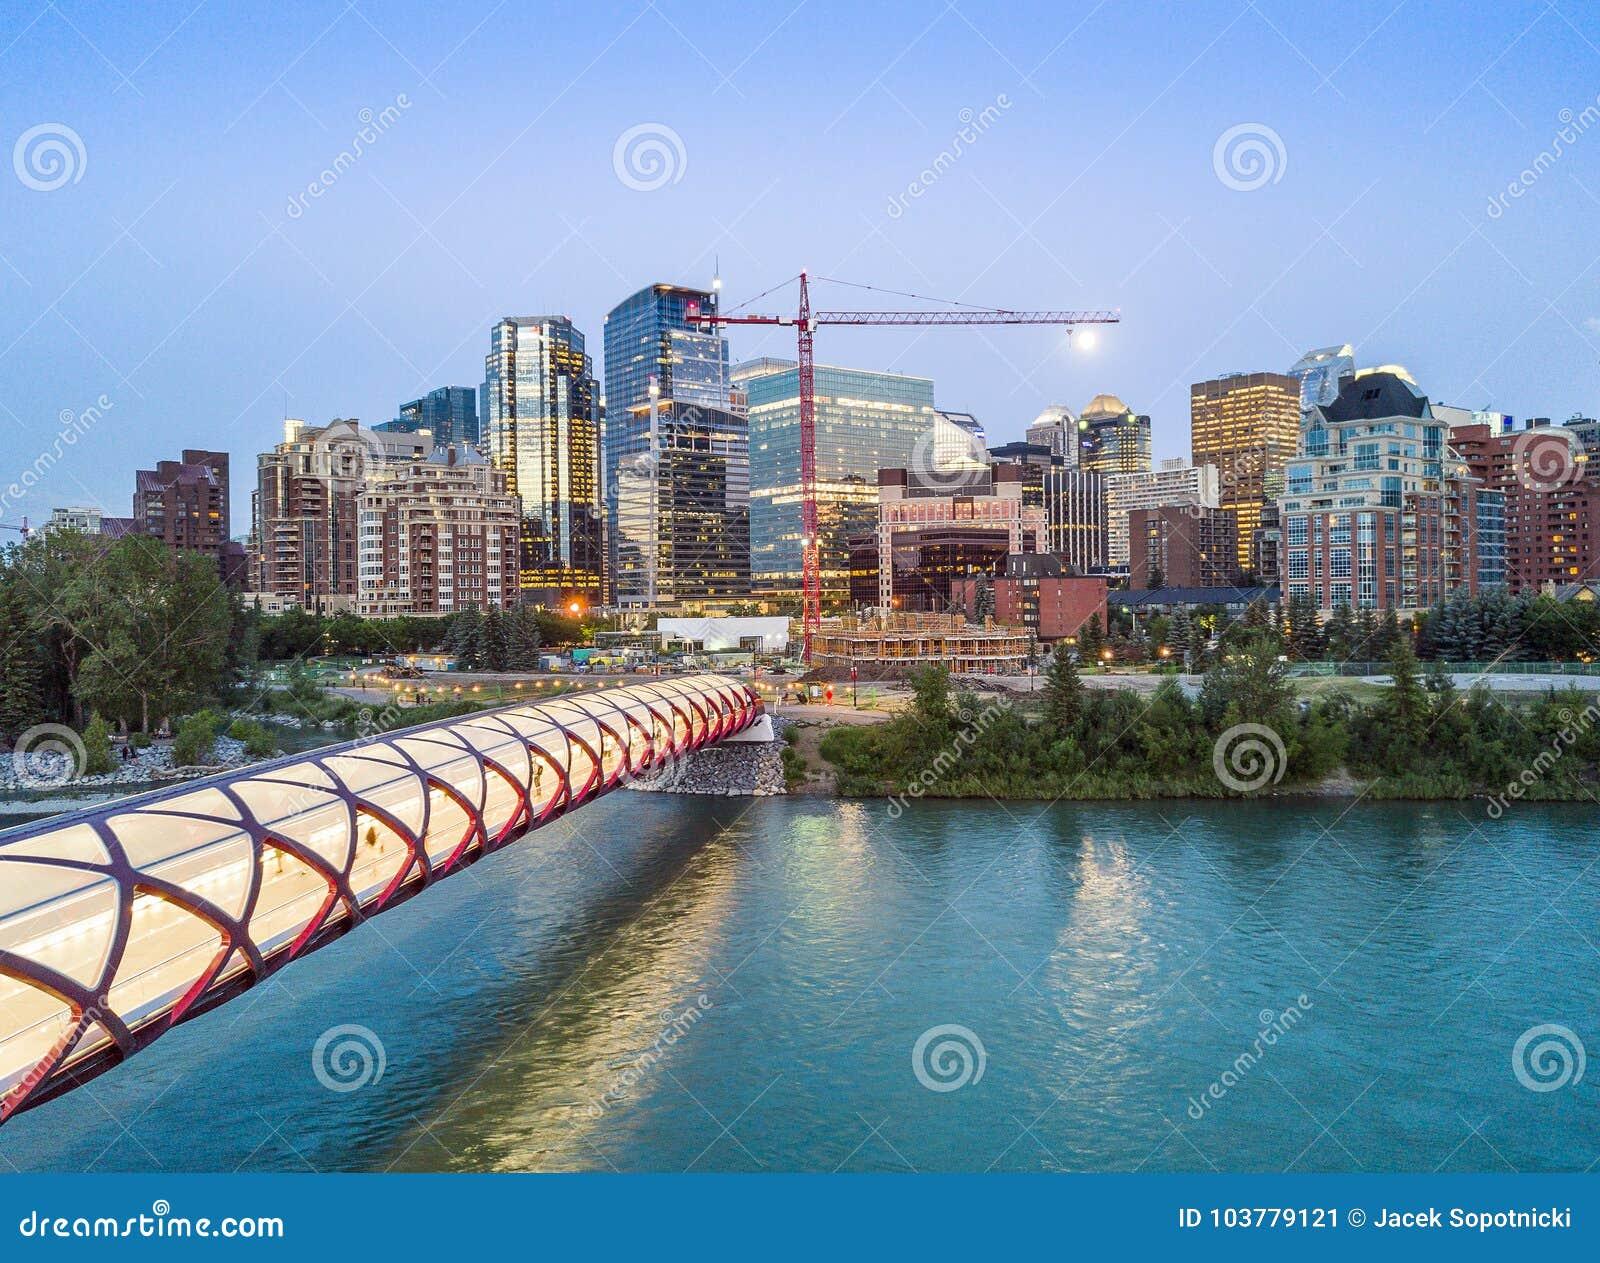 Calgary im Stadtzentrum gelegen mit iluminated Friedensbrücke, Alberta, Kanada